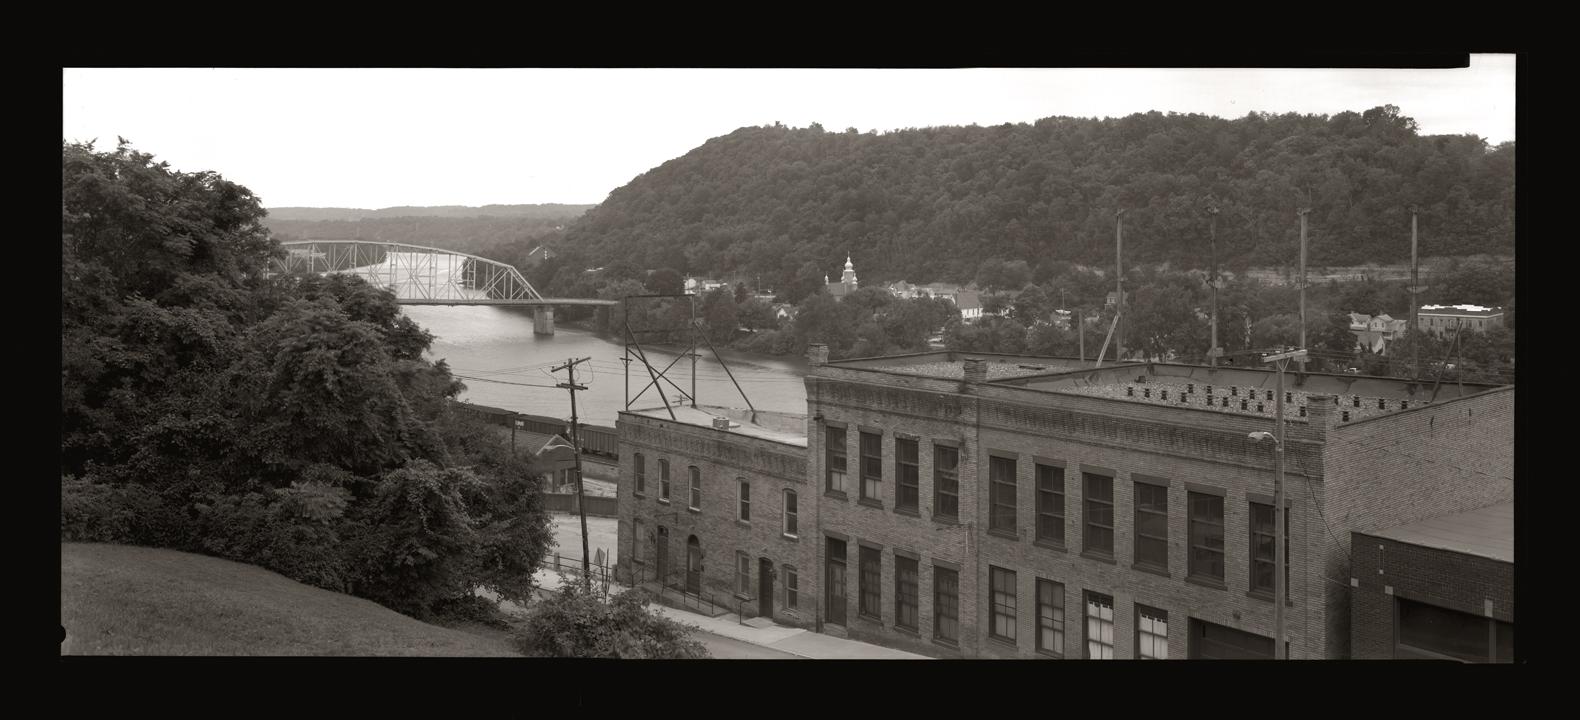 """Cykl """"Panoramiczny dziennik podróżny"""": """"Brownsville, Pennsylvania, 2007"""", fot. Andrzej Jerzy Lech"""